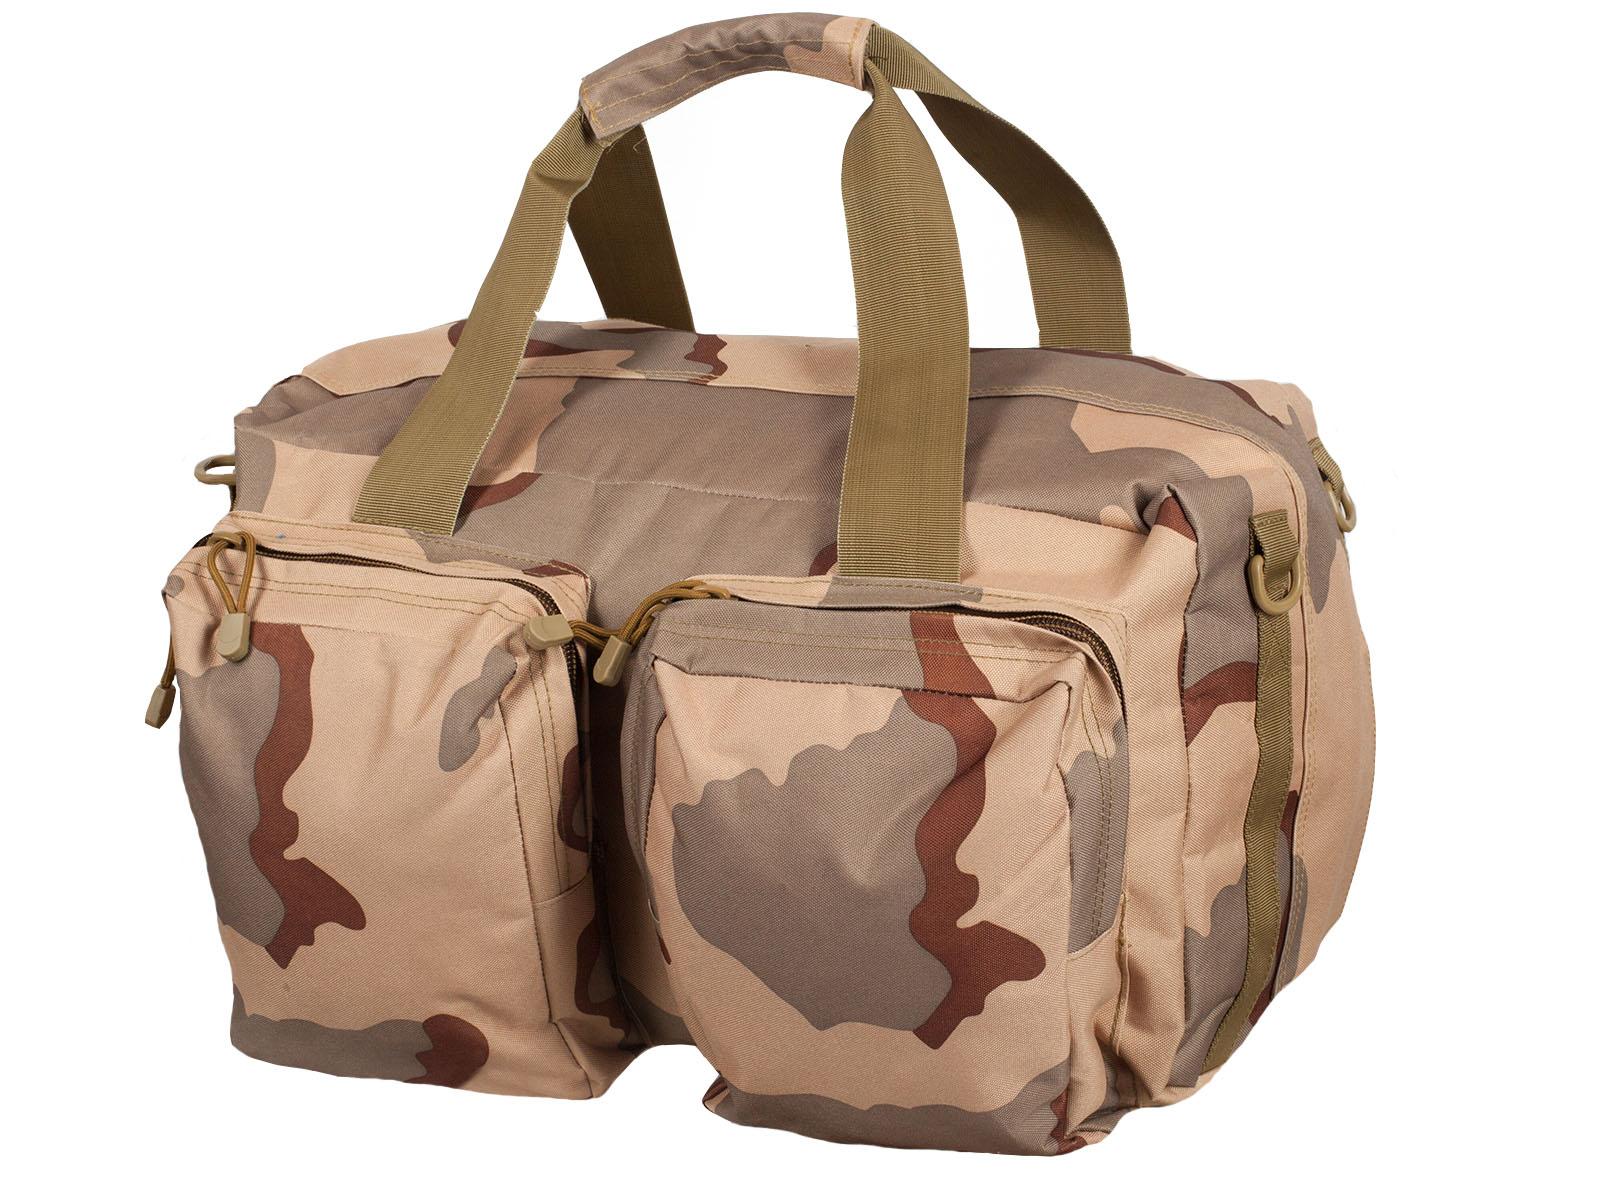 Камуфляжная дорожная сумка с нашивкой РХБЗ - заказать оптом